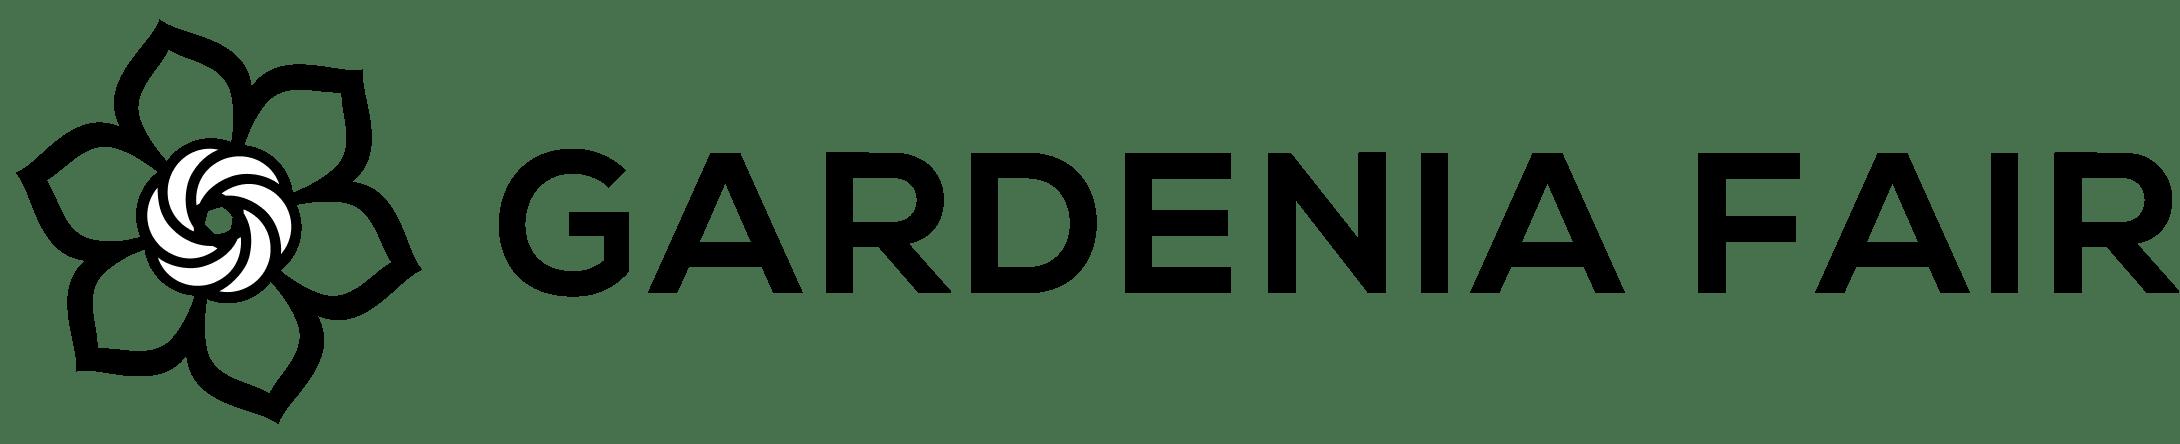 GardeniaFair